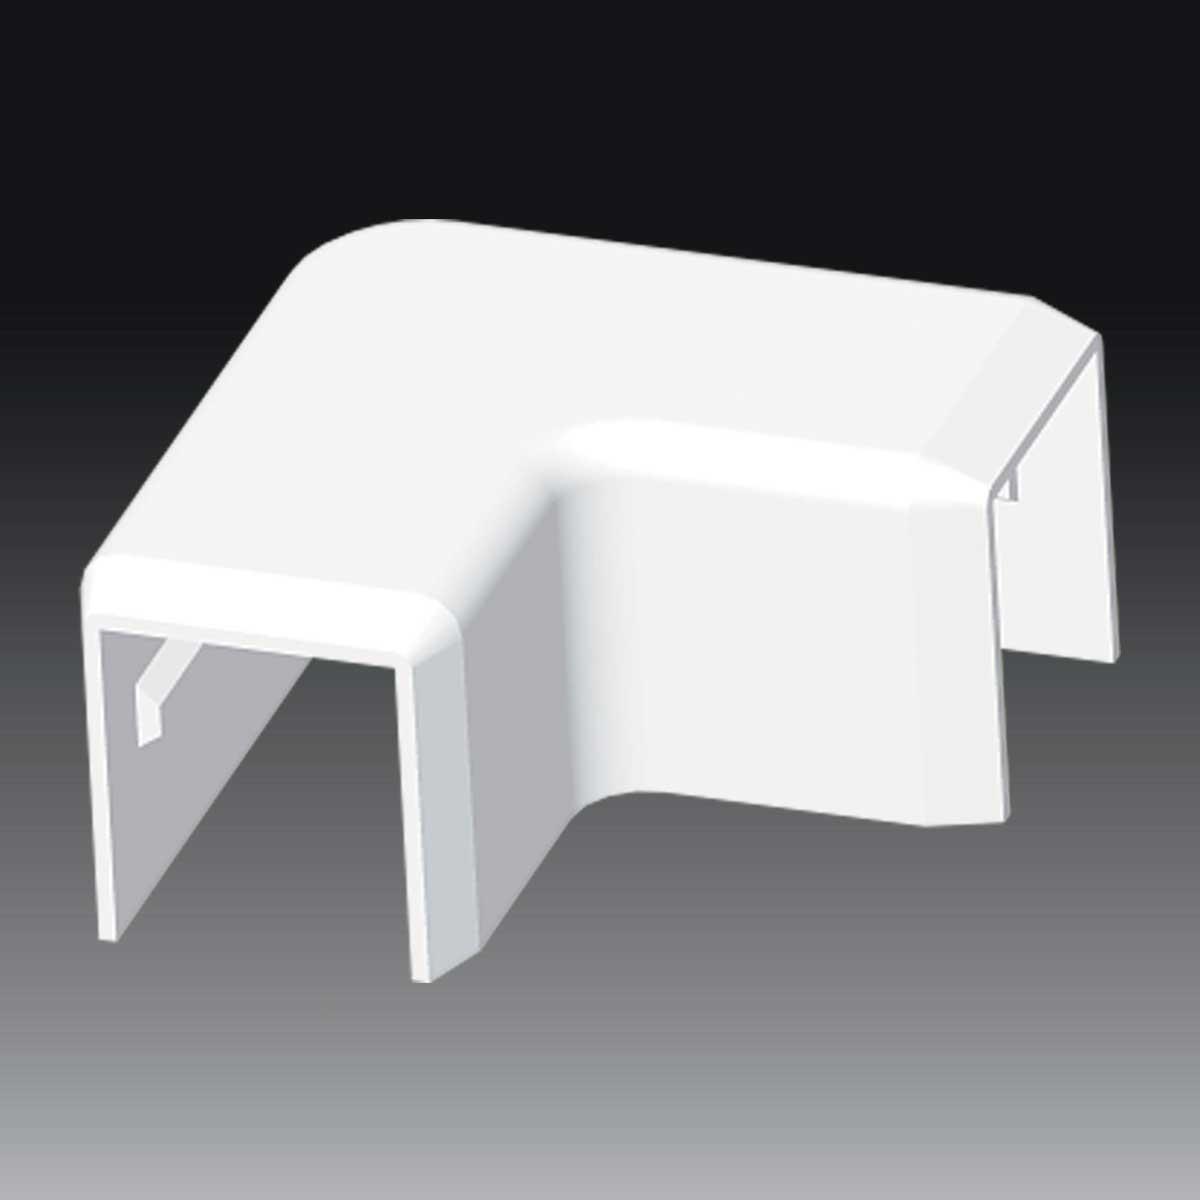 Кут прямий  для LHD 20х20 білого кольору; Серія LHD; ПВХ